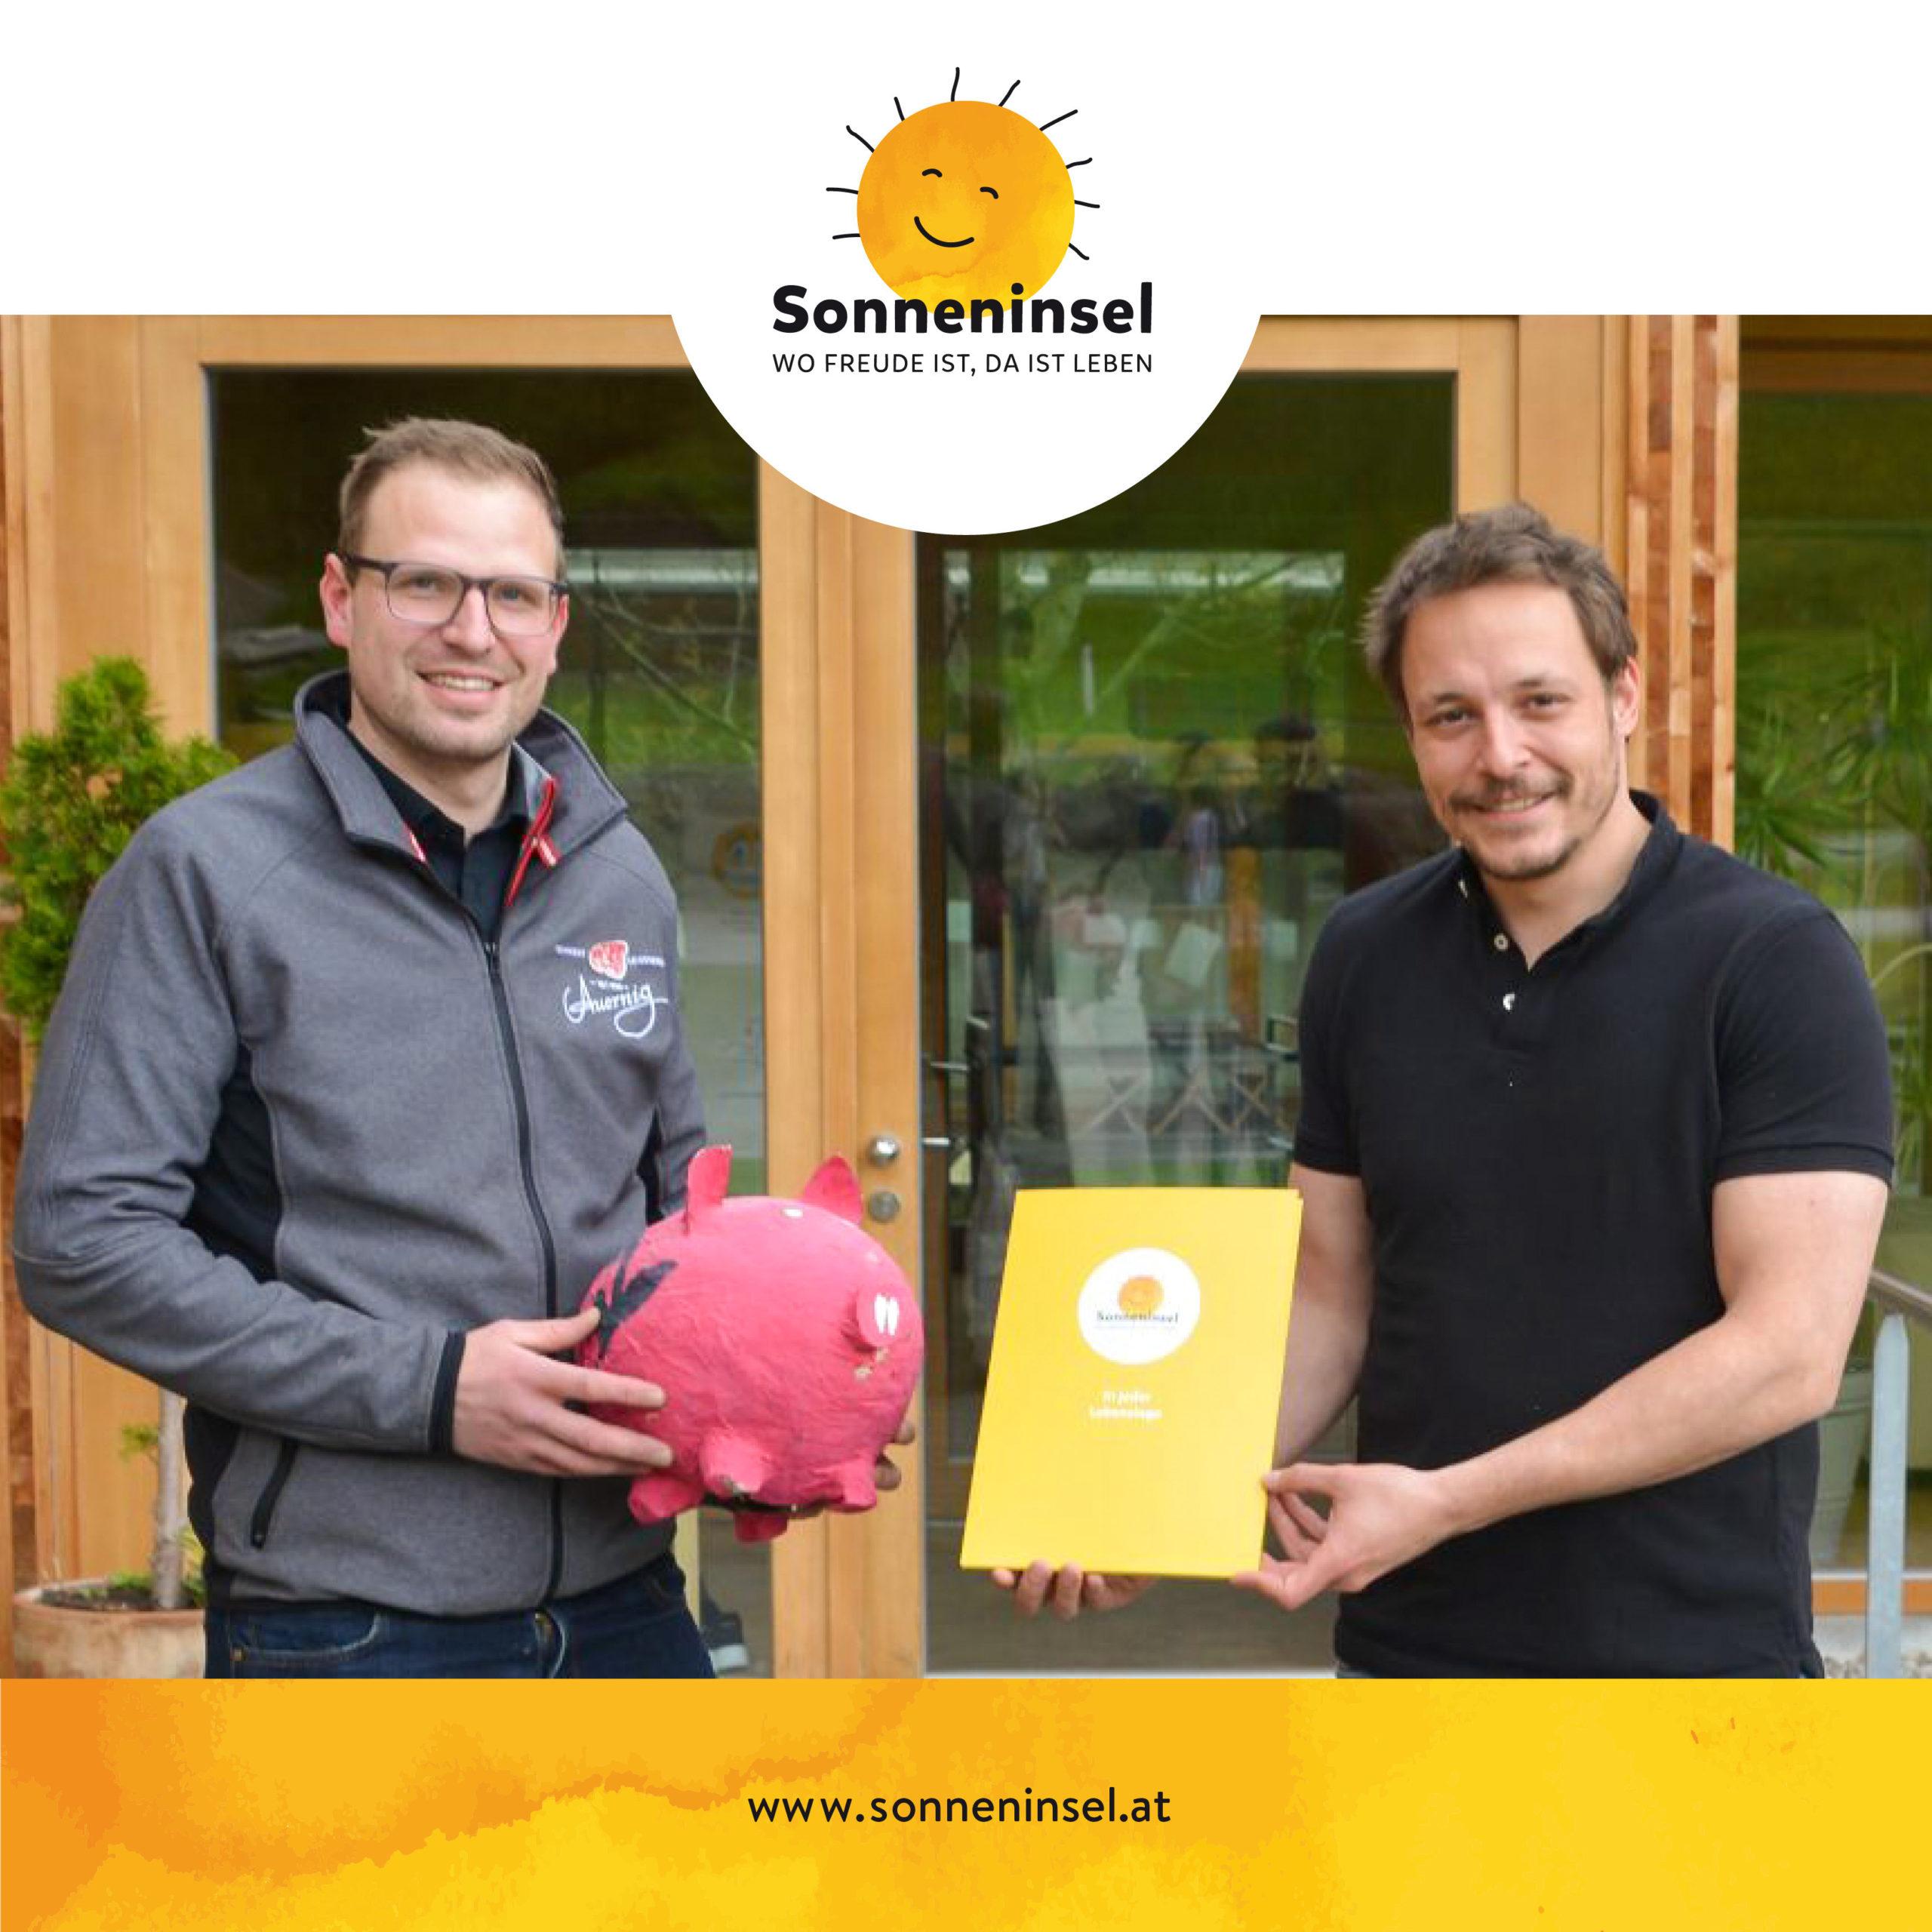 Unser Herzensprojekt: Spende an die Sonneninsel